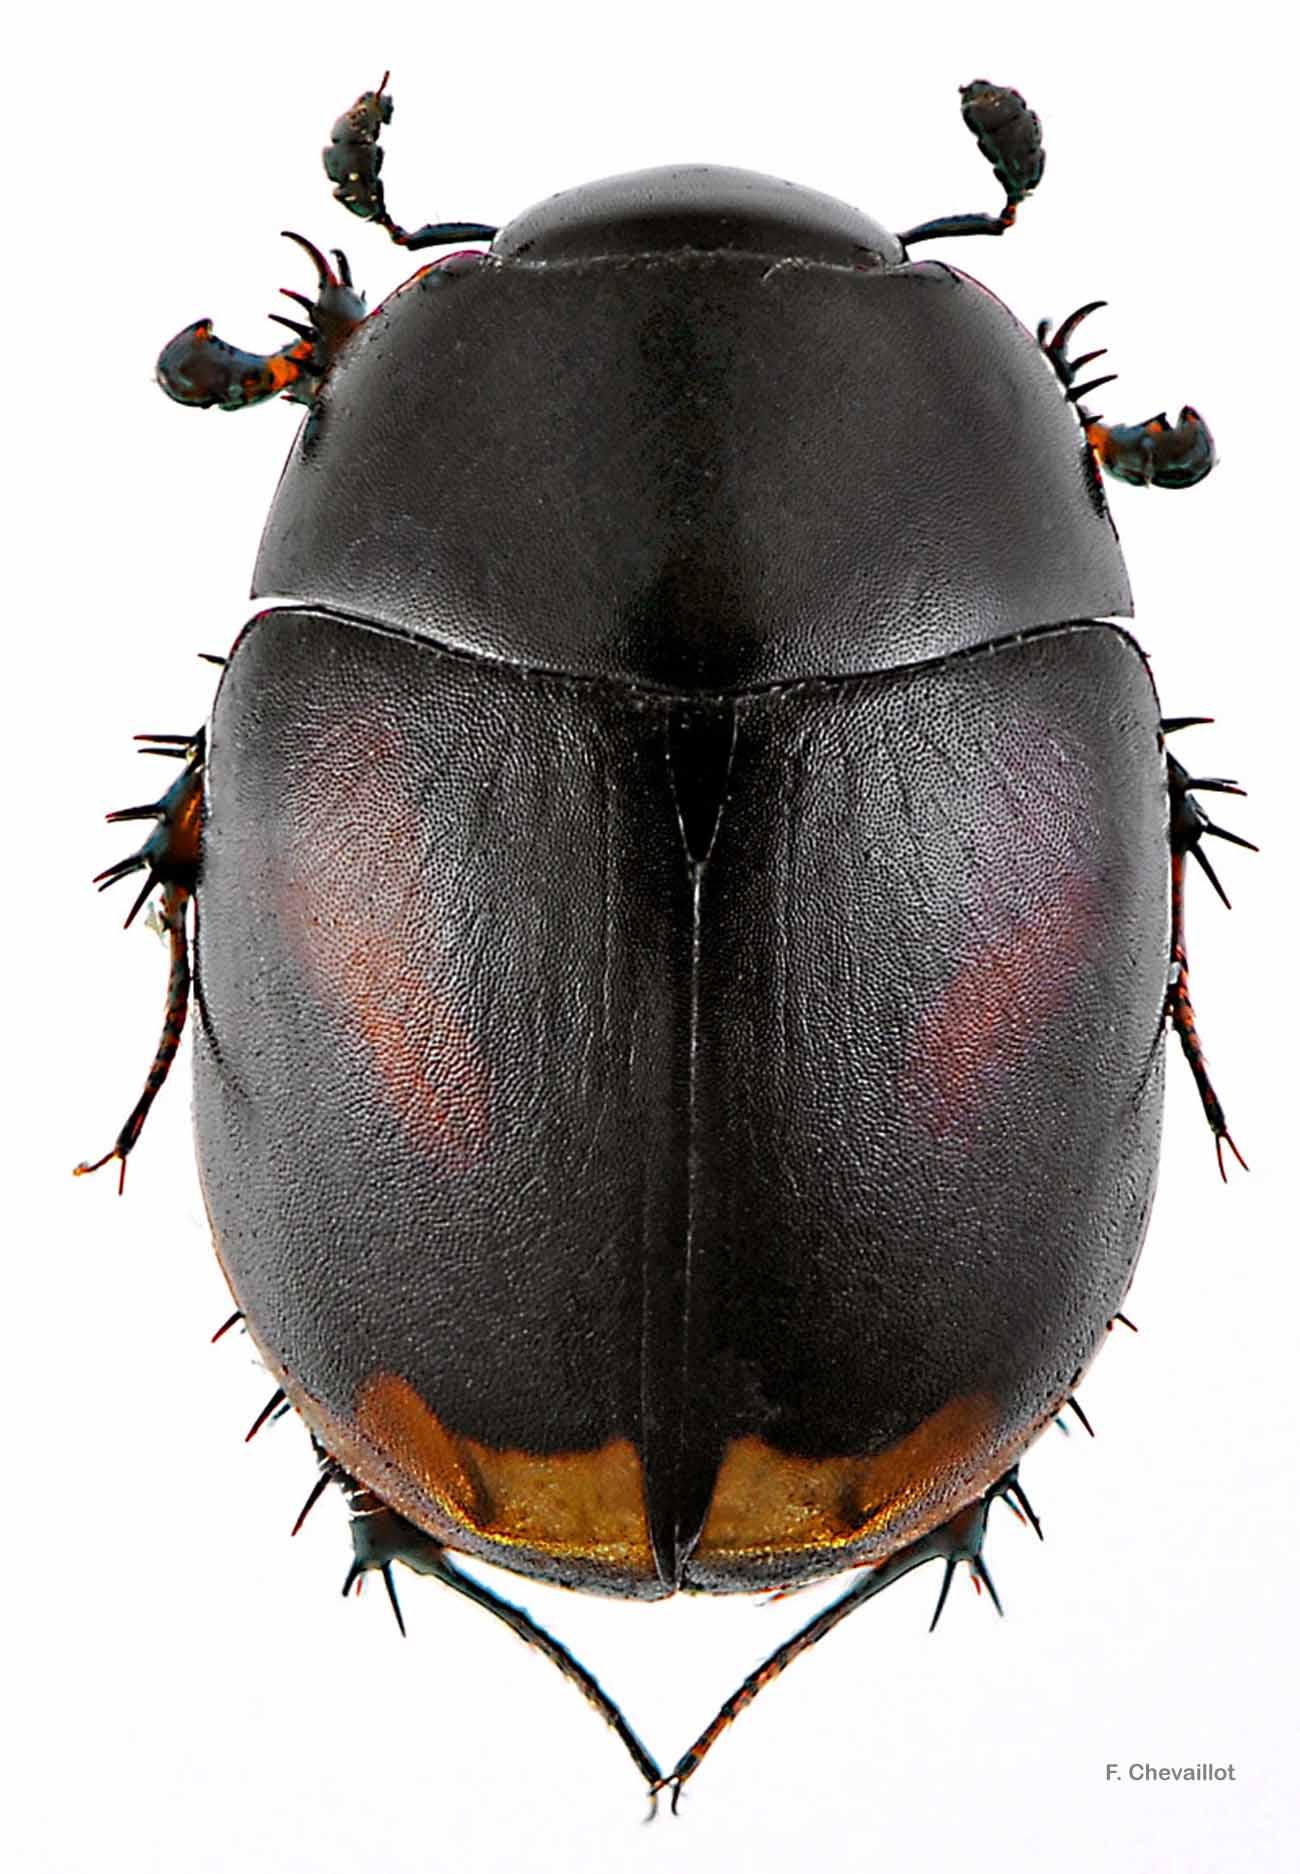 Sphaeridium scarabaeoides